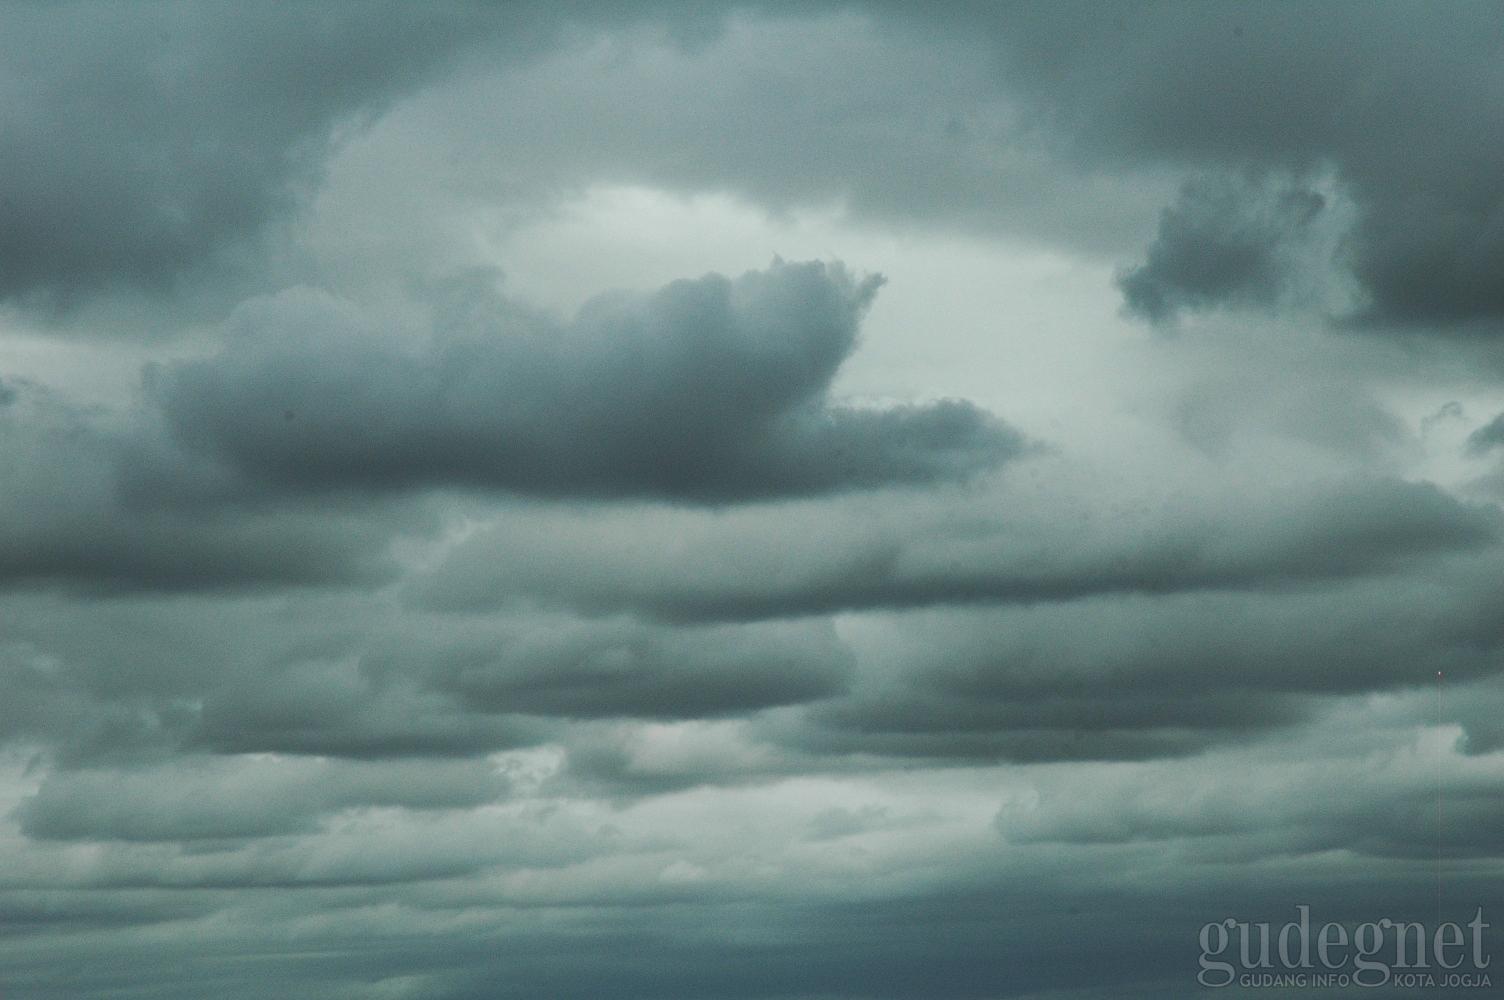 BMKG: Hari Ini Hujan dengan Angin Kencang dan Petir, Esok DIY Hujan